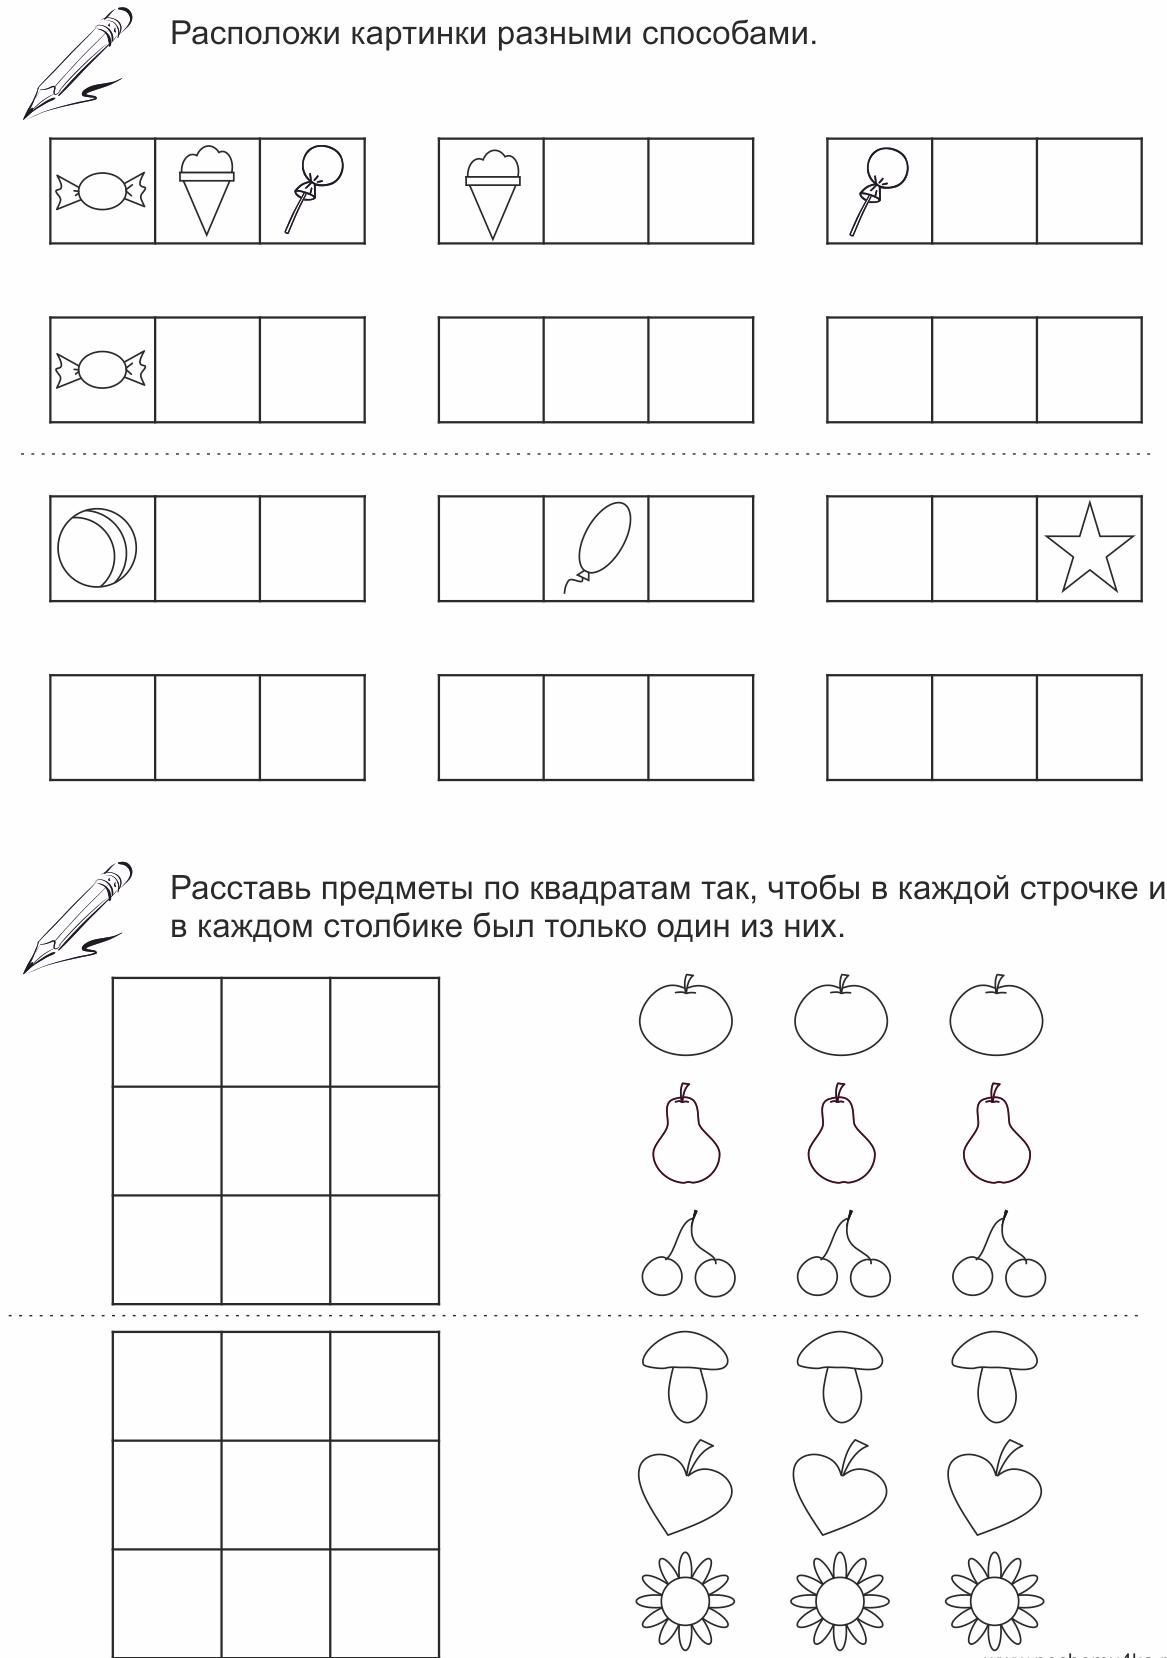 развитие логики для детей обучение математические игры